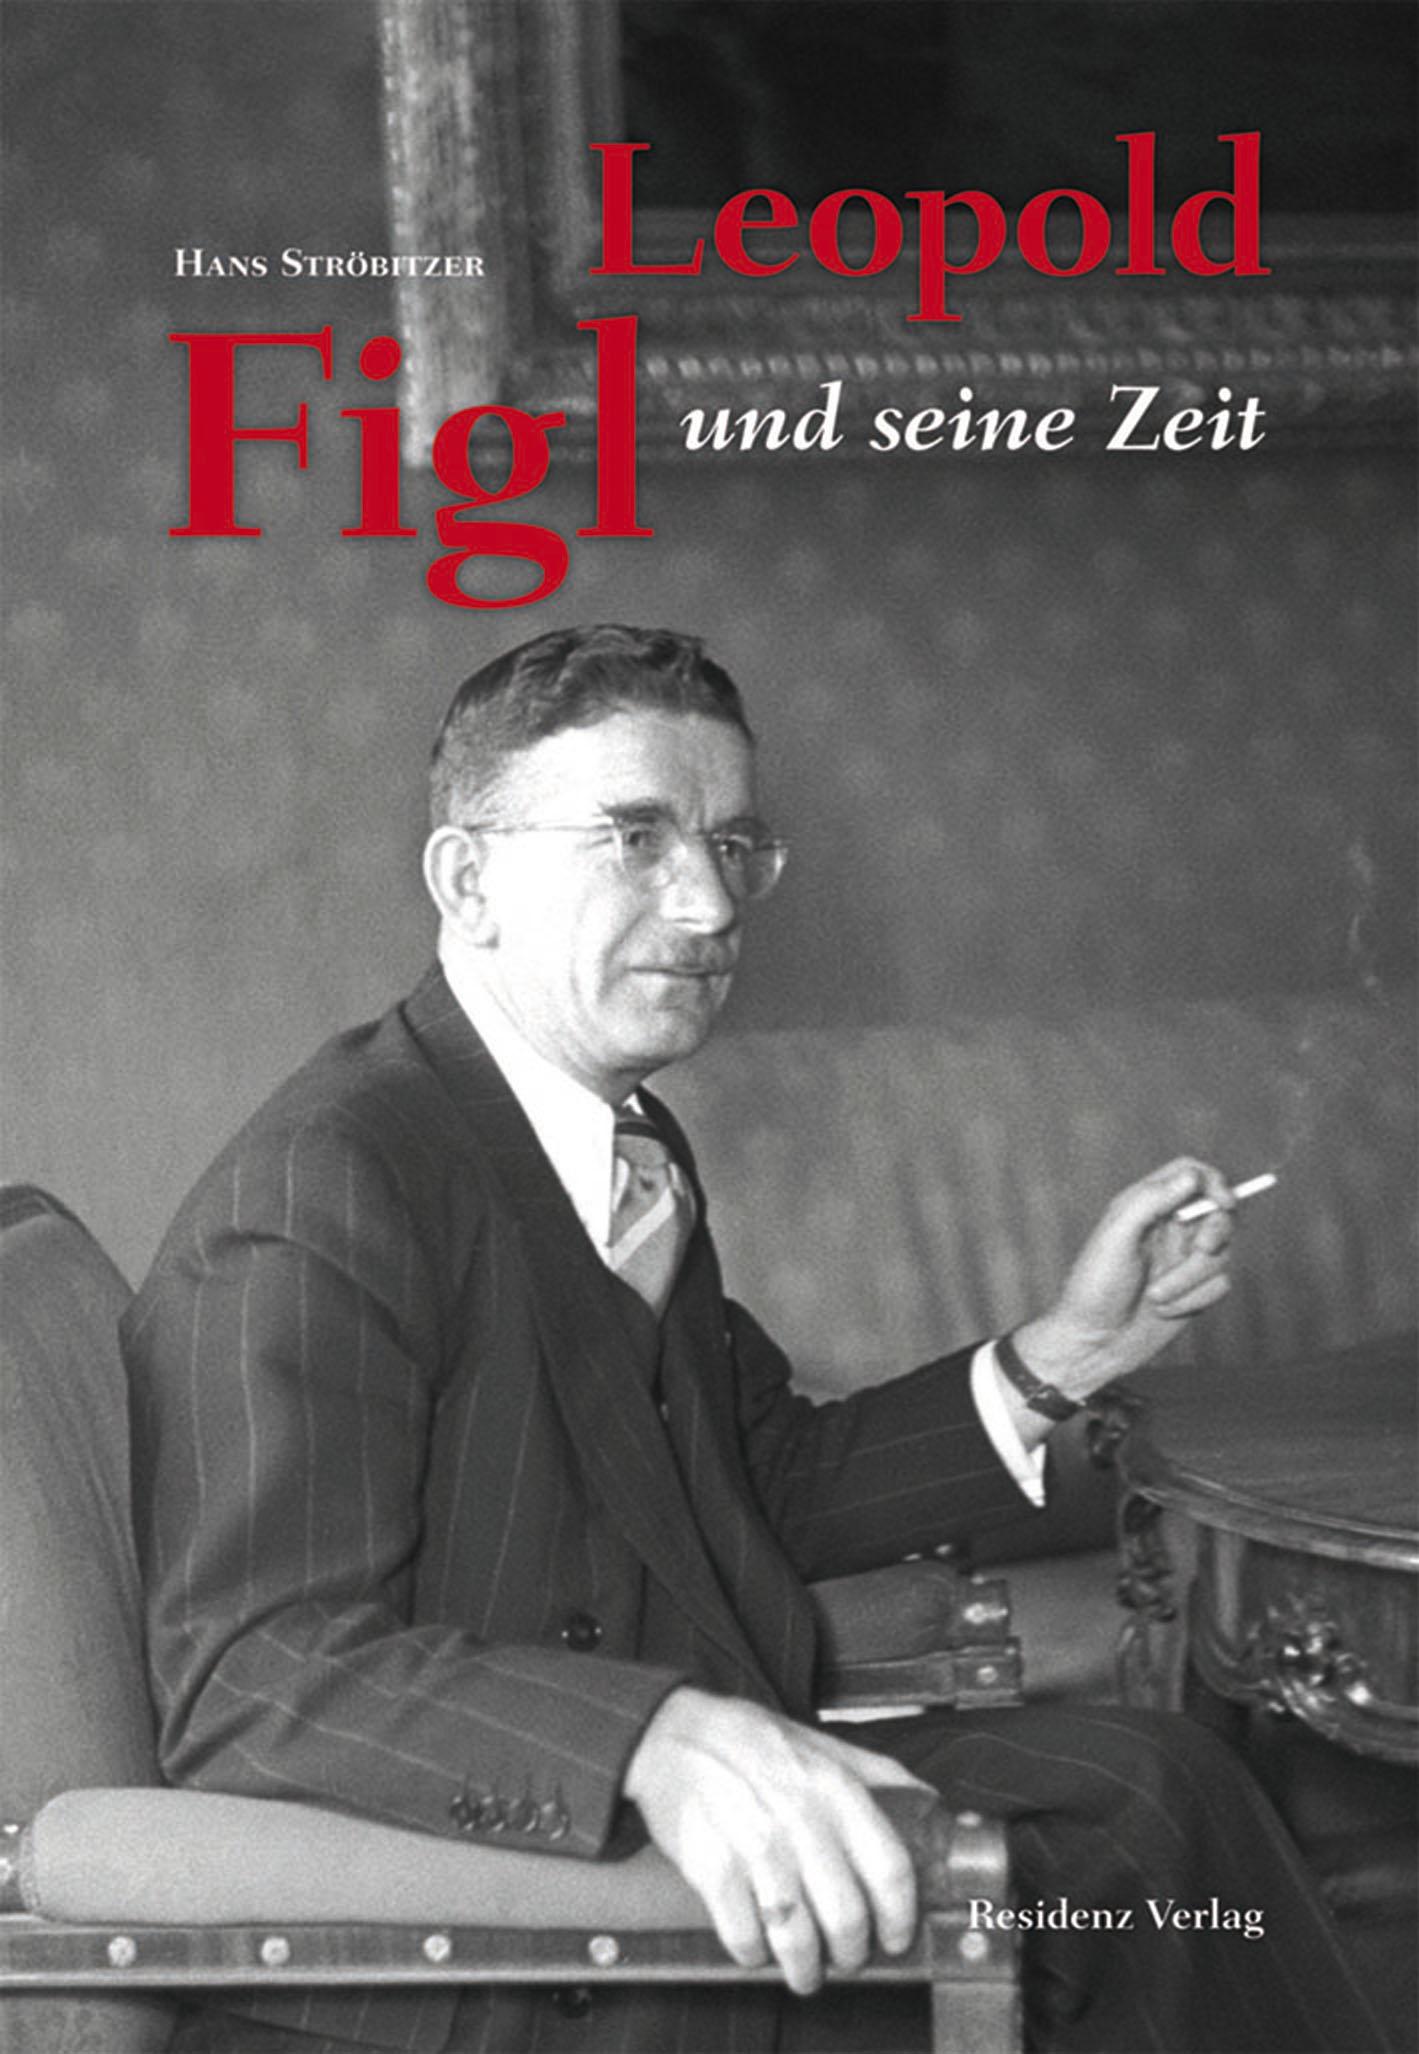 Hans Ströbitzer / Leopold Figl und seine Zeit 9783701733026